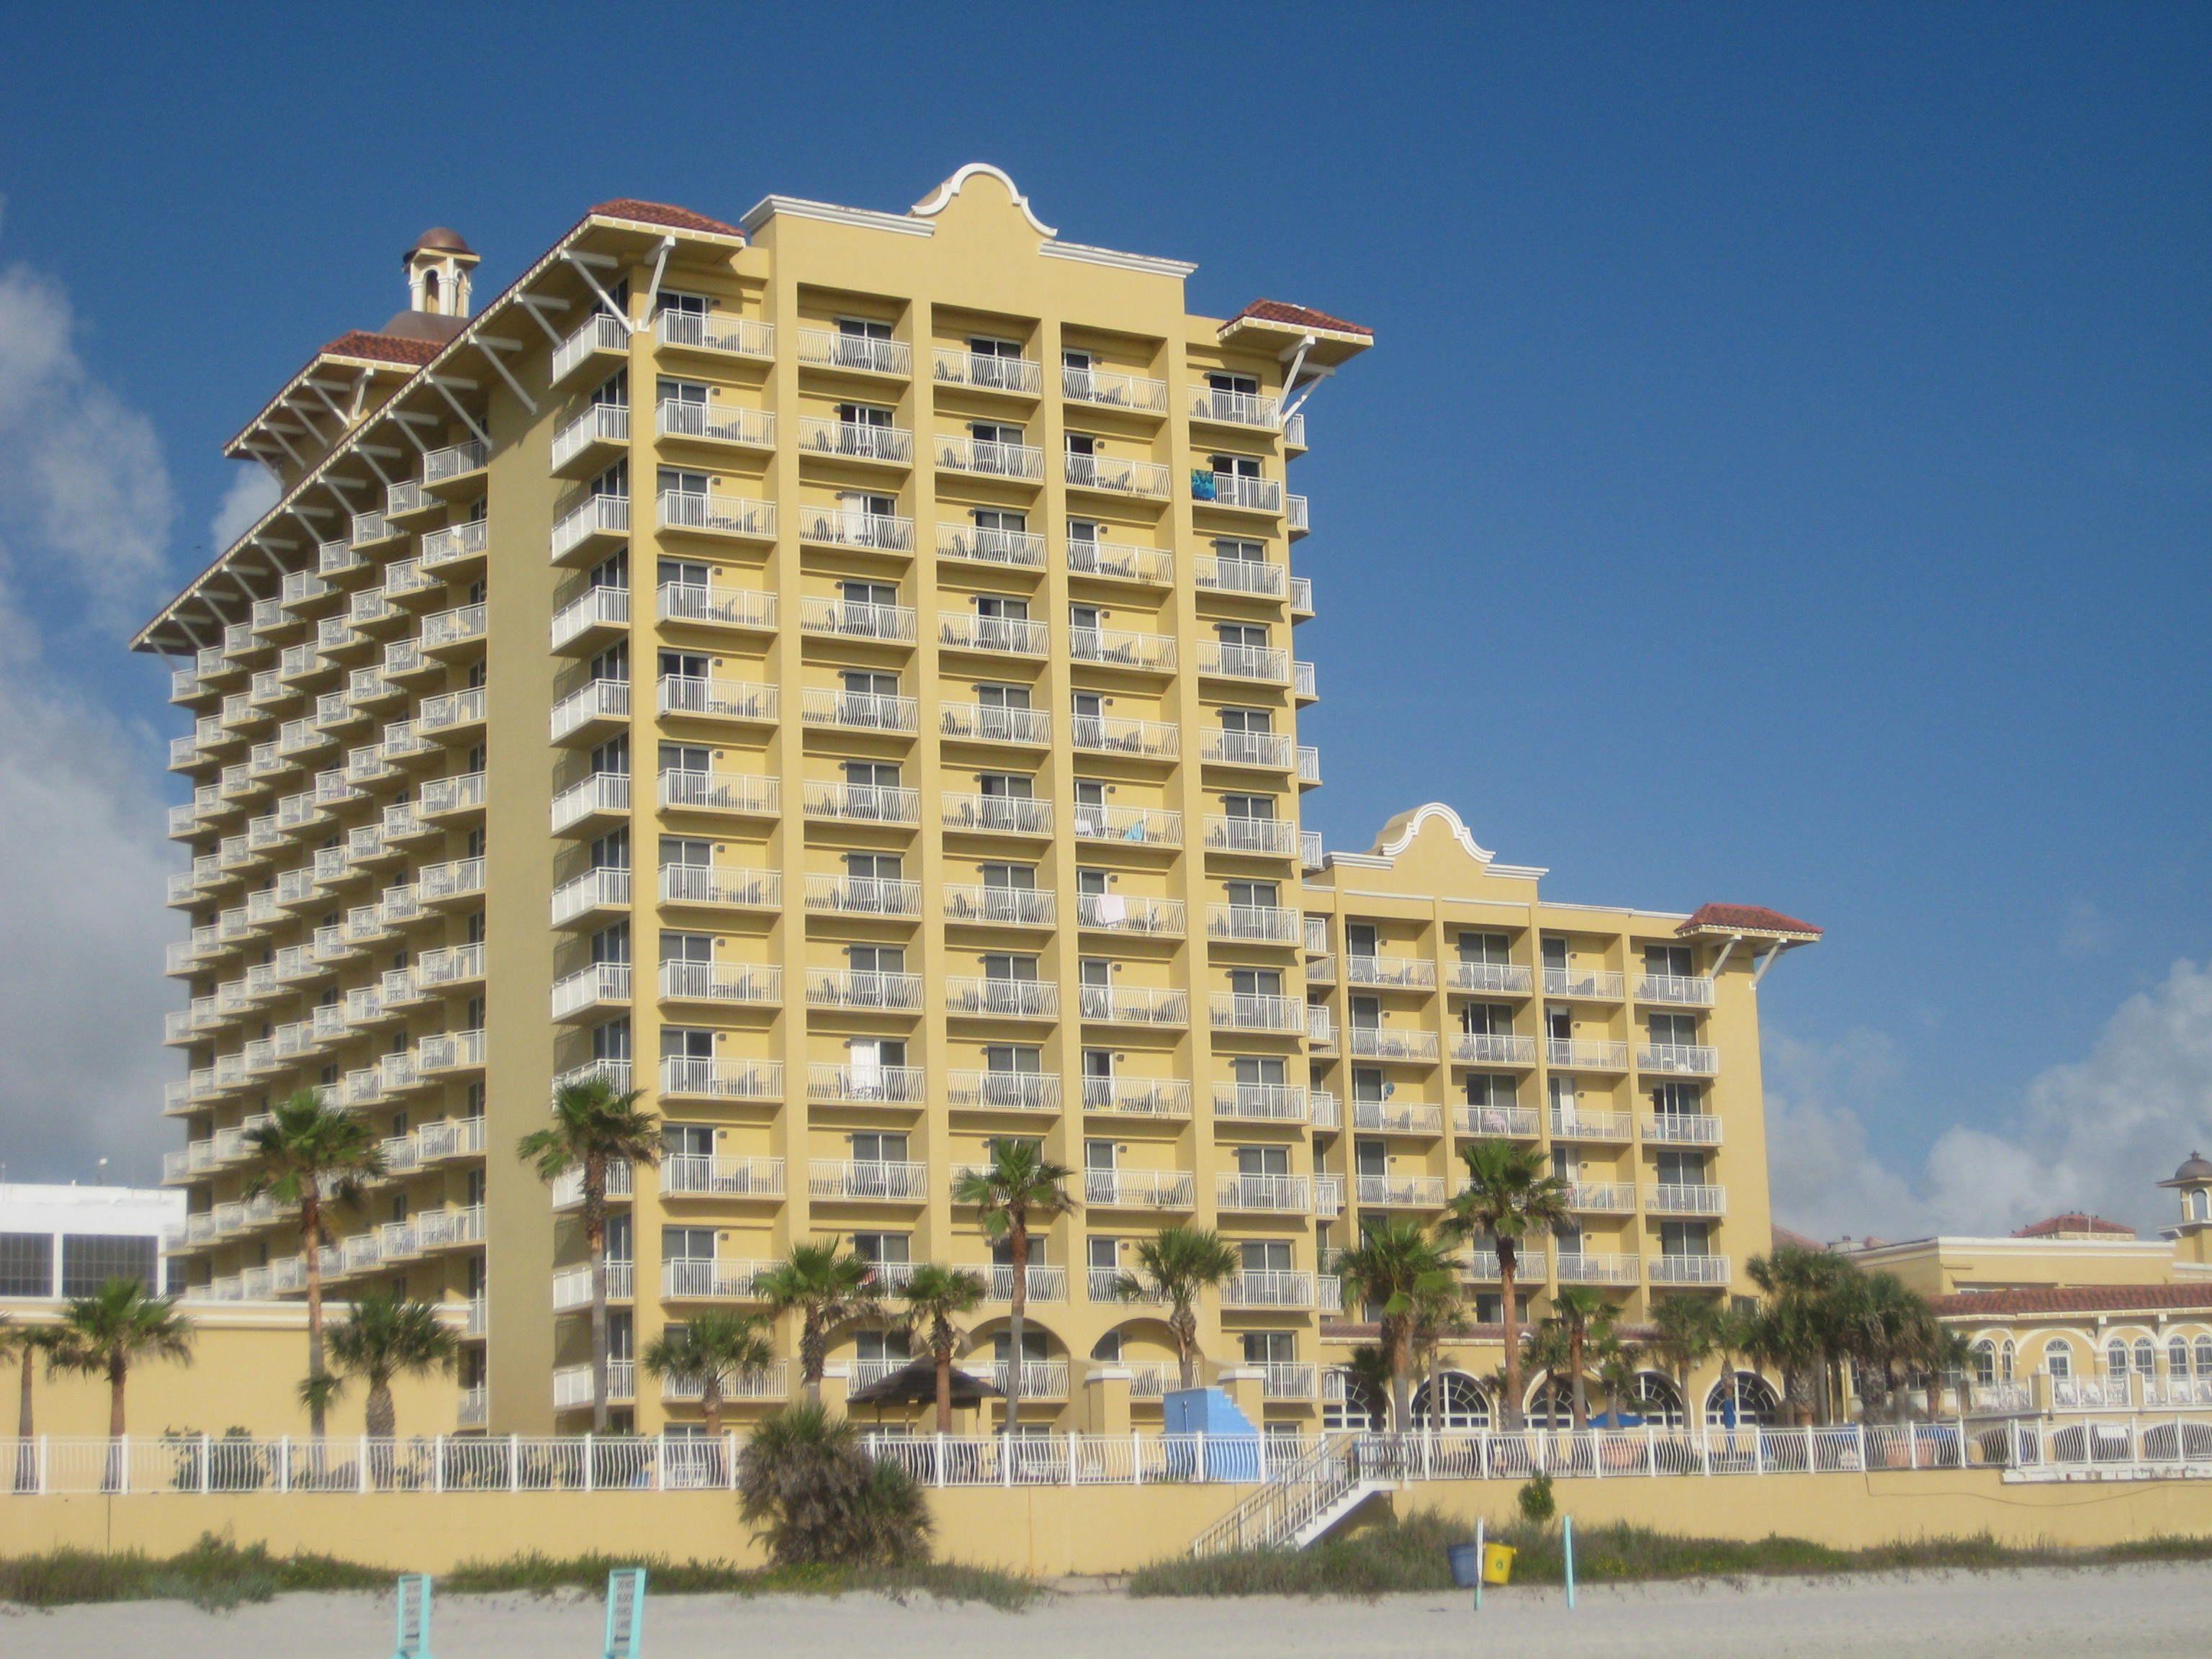 The Plaza Resort Daytona Beach